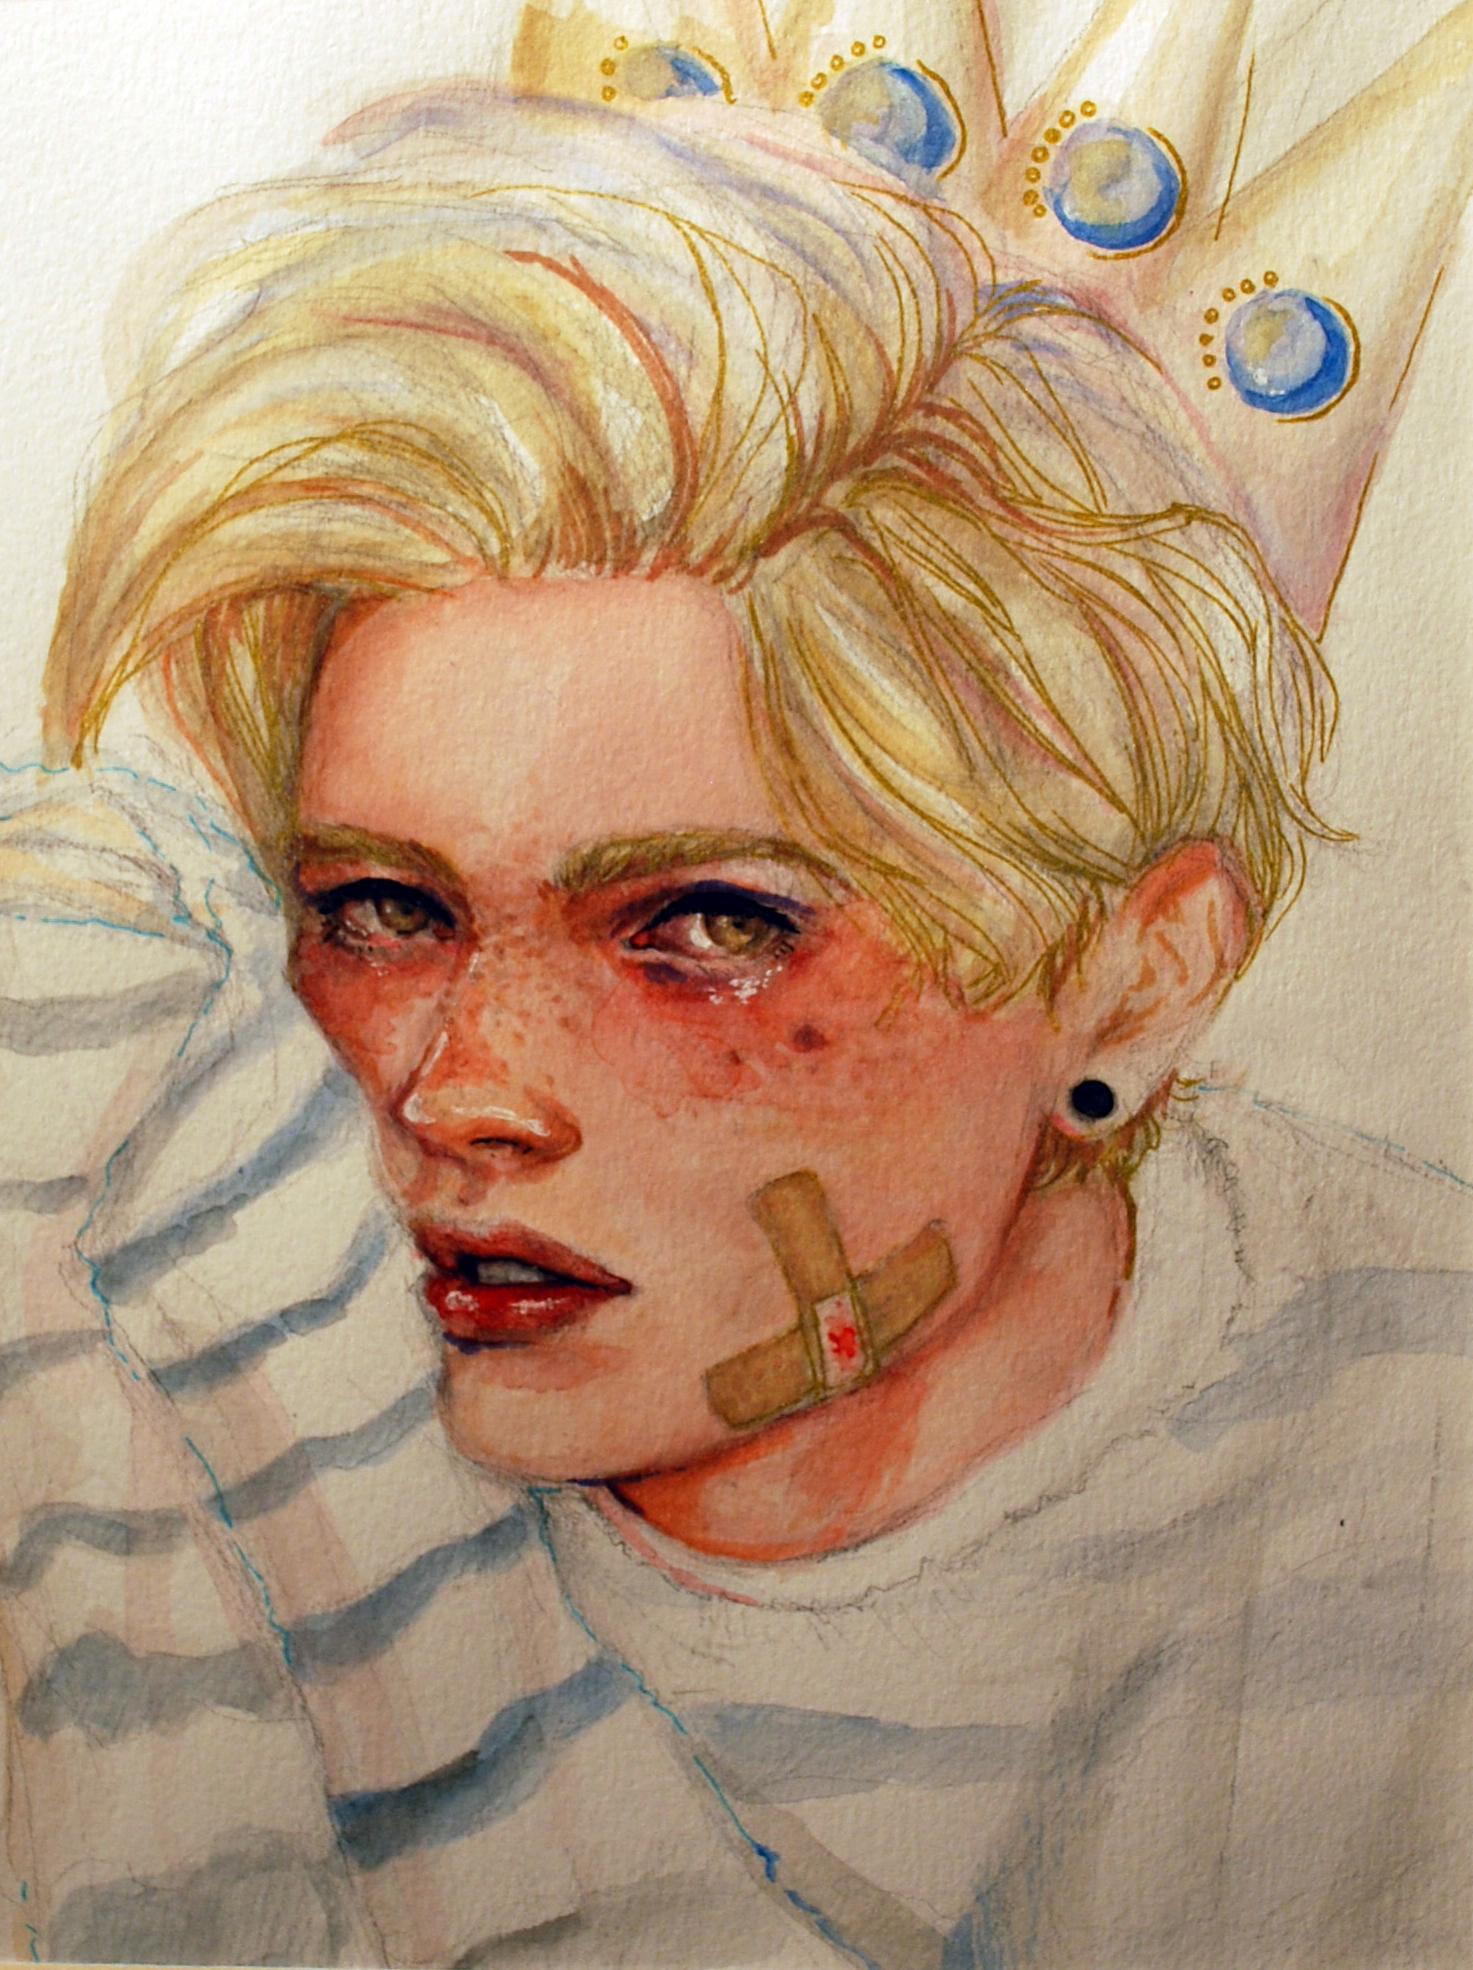 <em>Legacy</em> by Fiona O'Shea